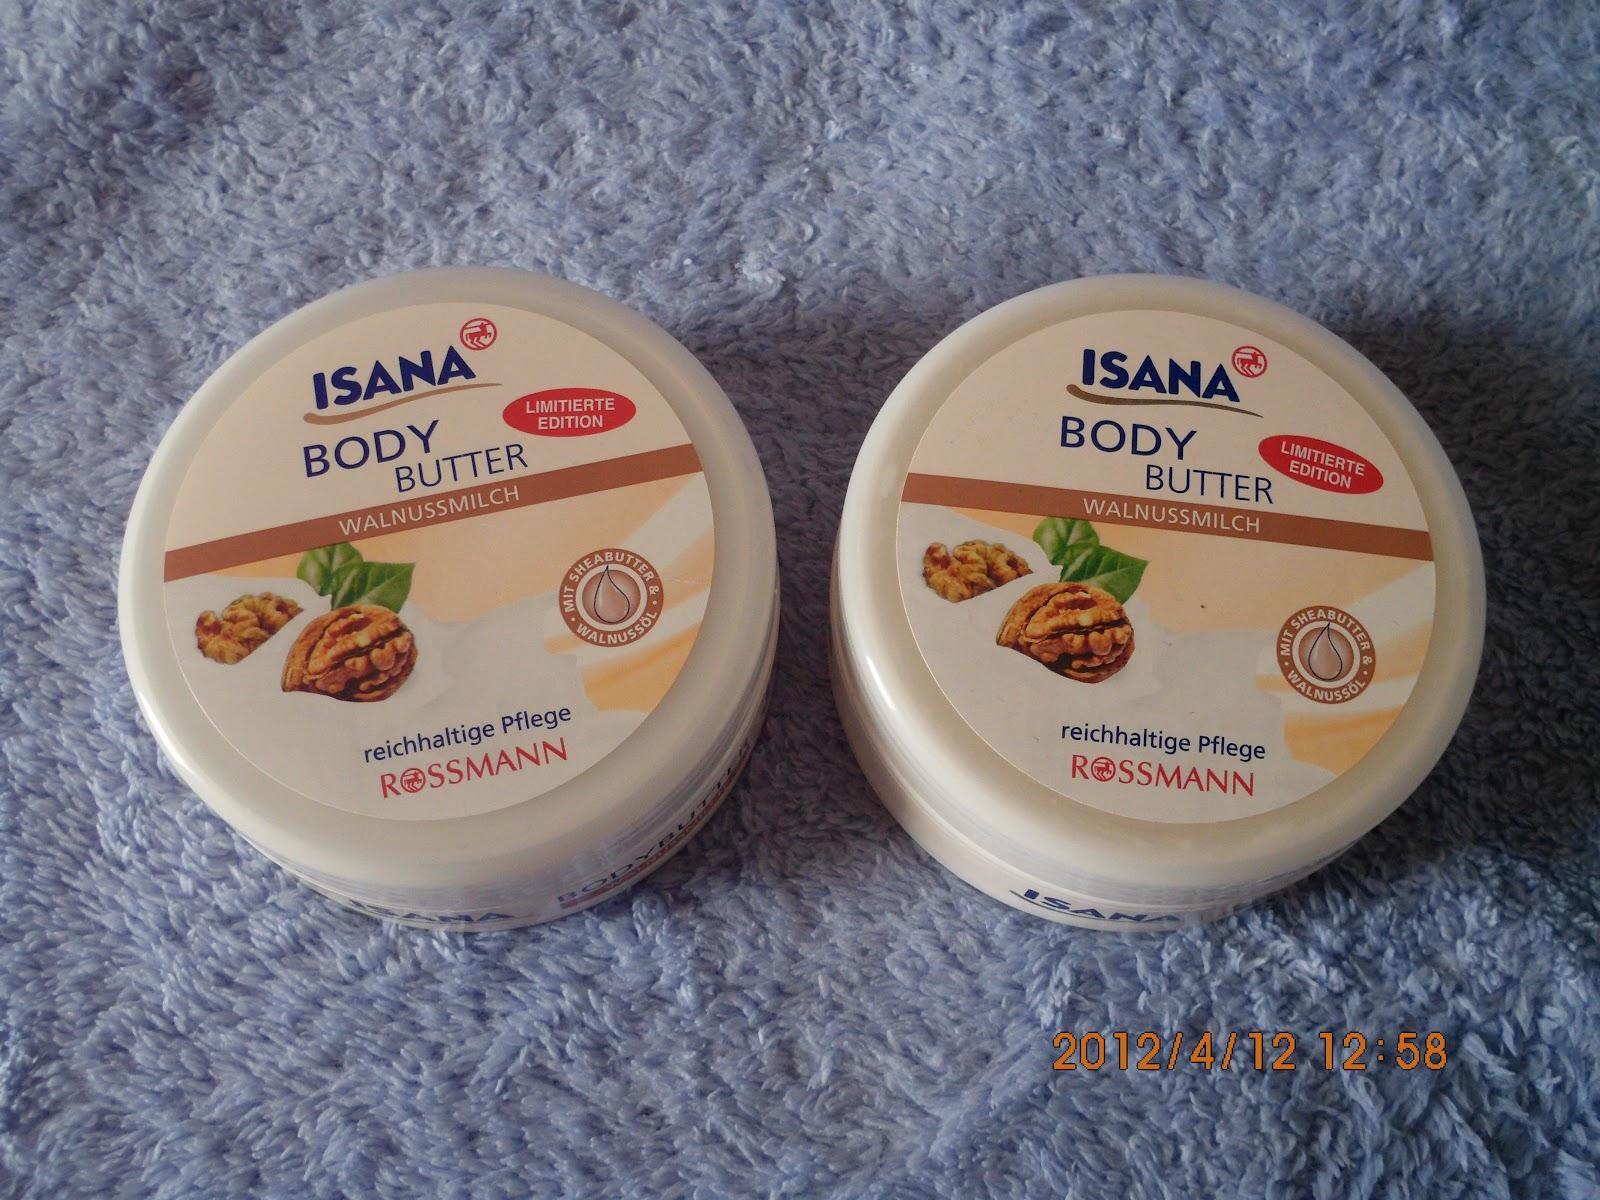 Isana body butter walnussmilch - masło do ciała orzech włoski i mleko